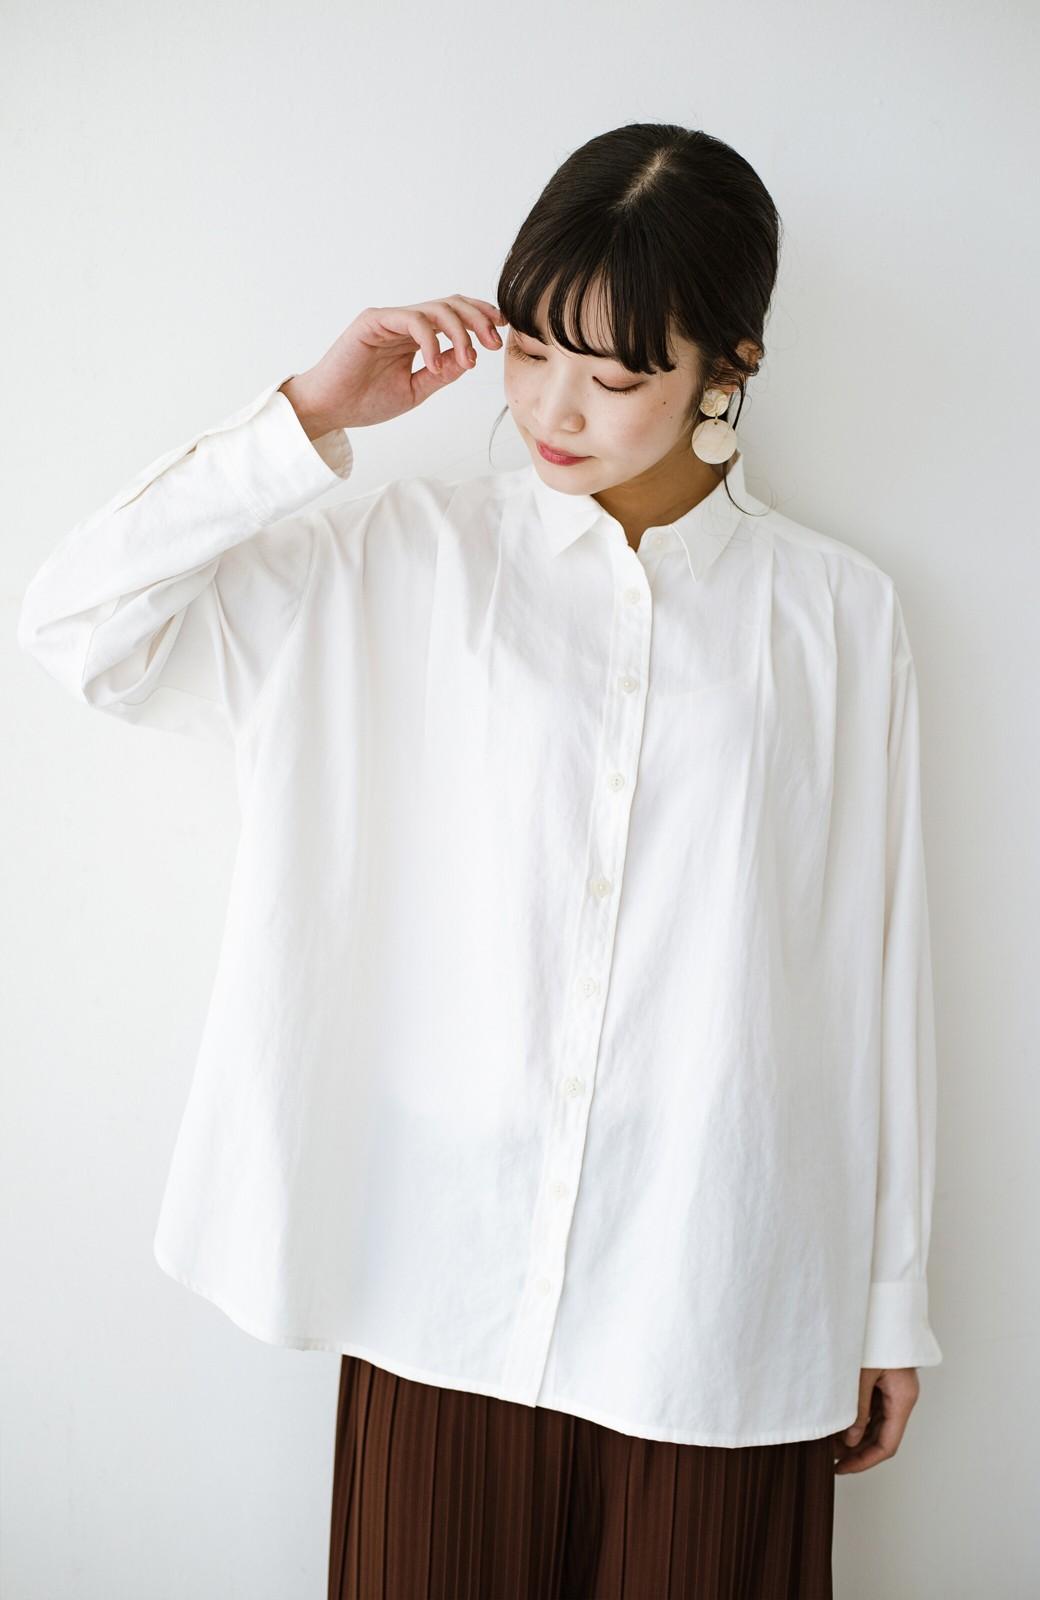 haco! ニットとのこなれた重ね着が簡単にできる!なめらか素材でつくった大人のためのシンプルシャツ <ホワイト>の商品写真18